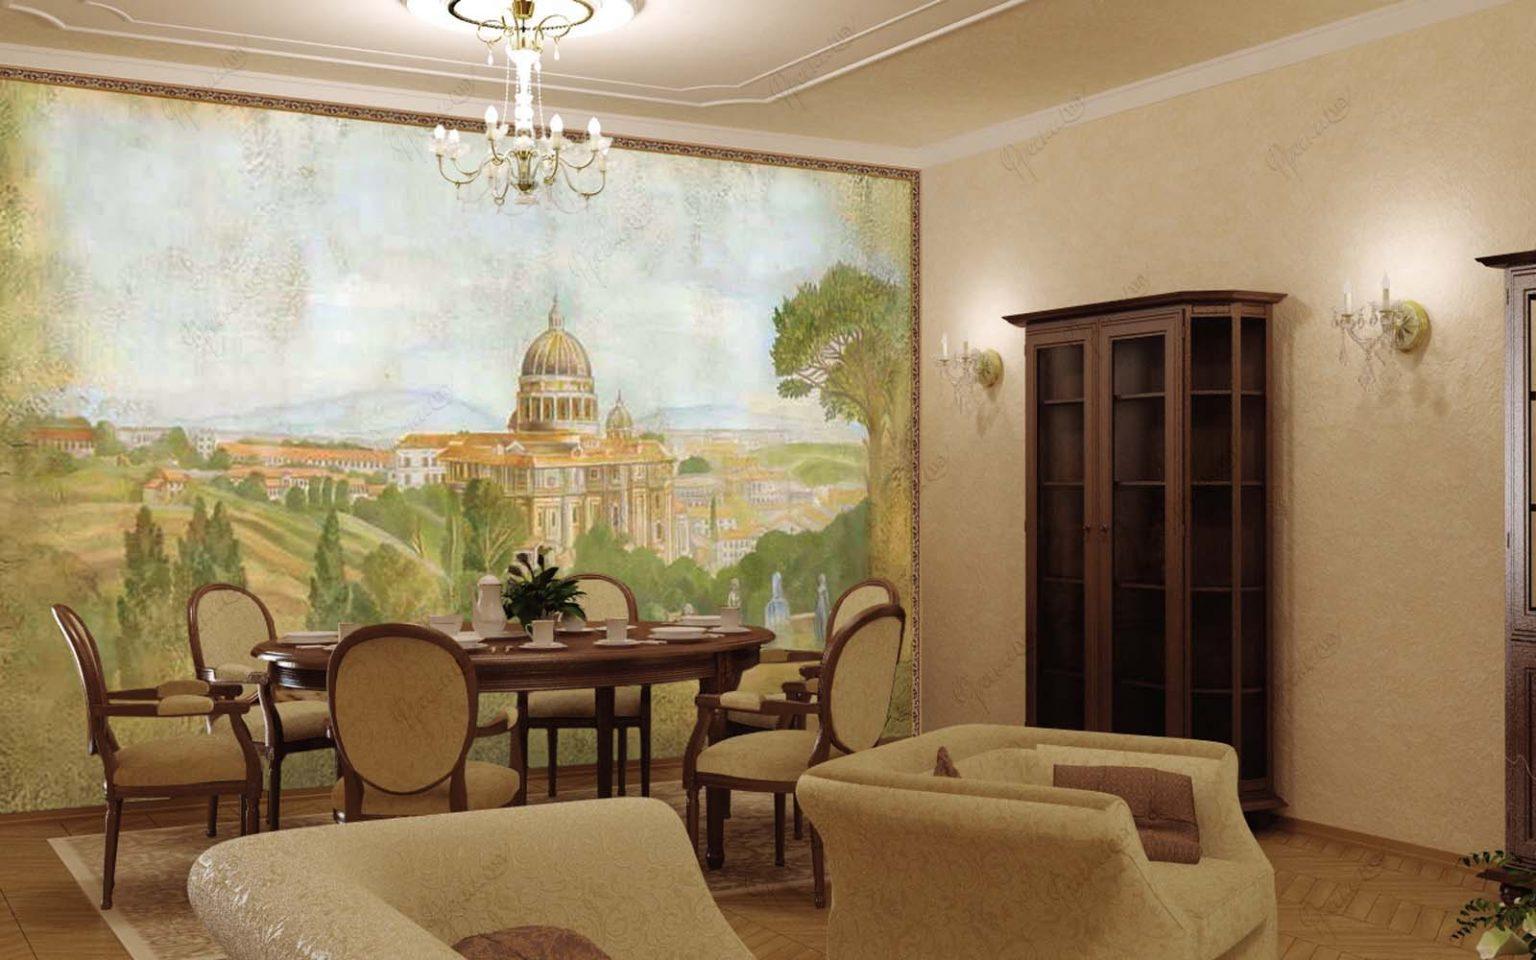 Ремонт квартиры в комсомольске на амуре фото удаленные фотографии